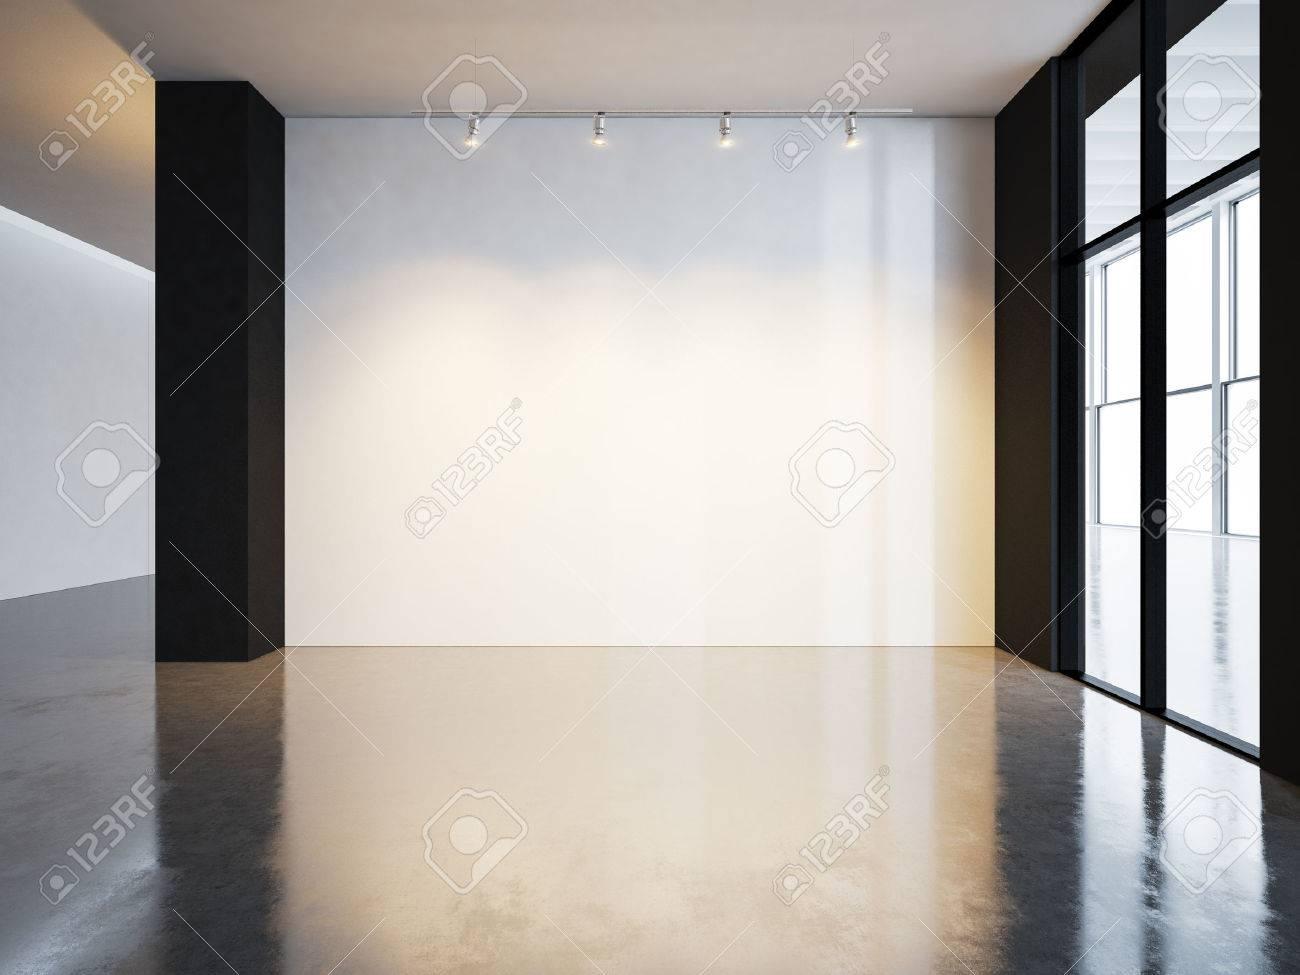 Sol En Beton Interieur toile vierge dans l'intérieur du musée avec sol en béton. horizontal